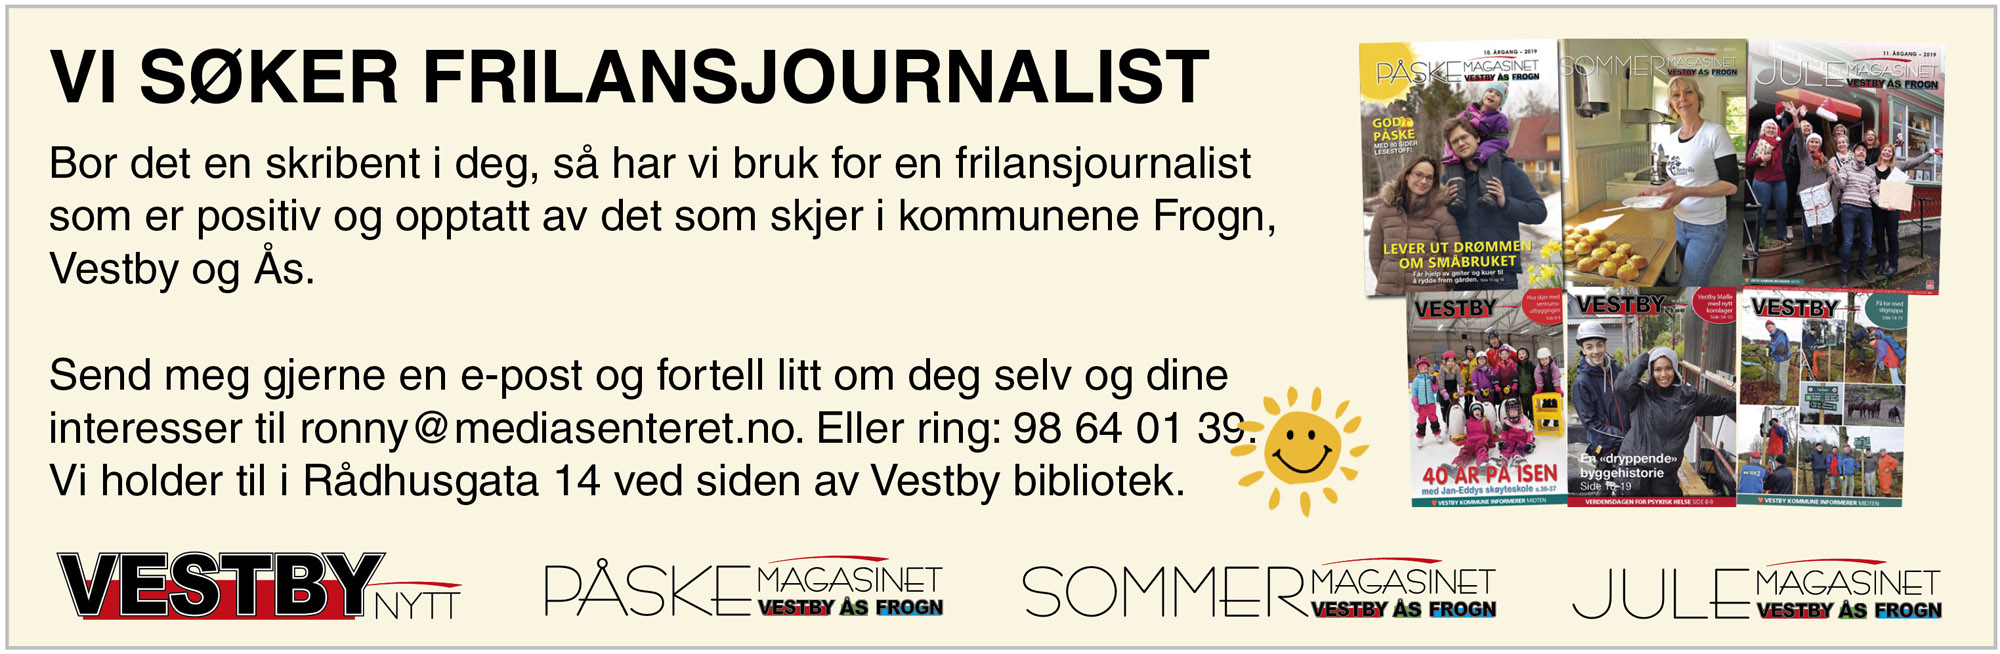 Vi søker frilansjournalist